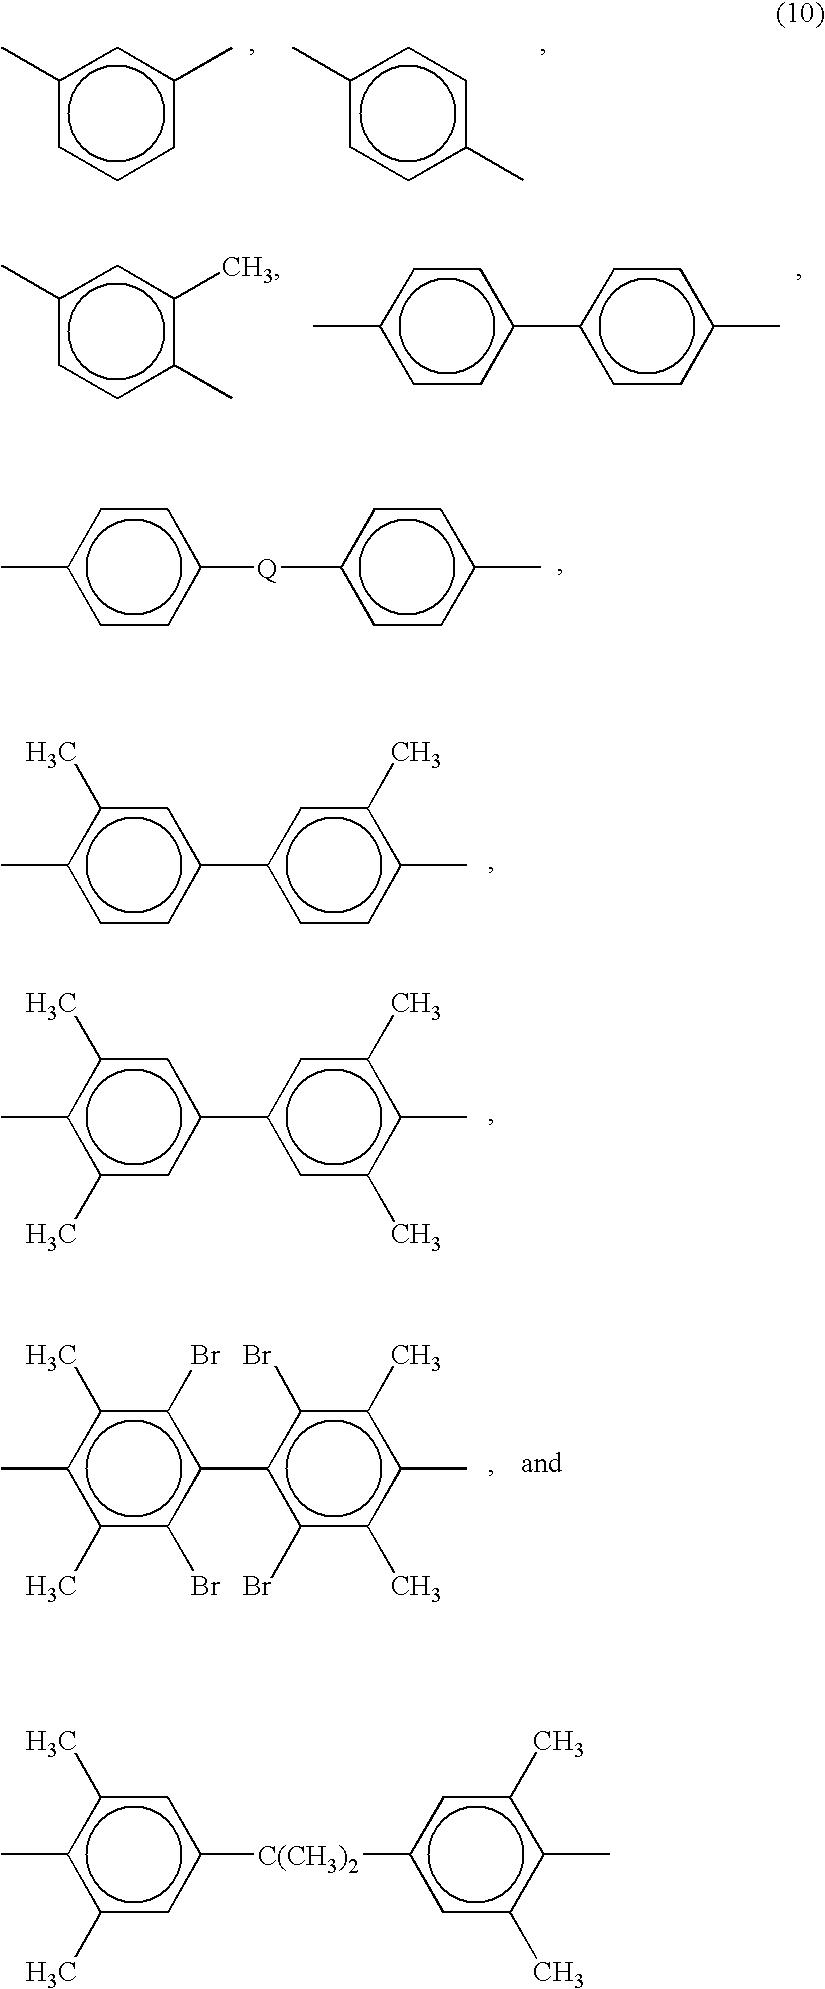 Figure US07205376-20070417-C00008